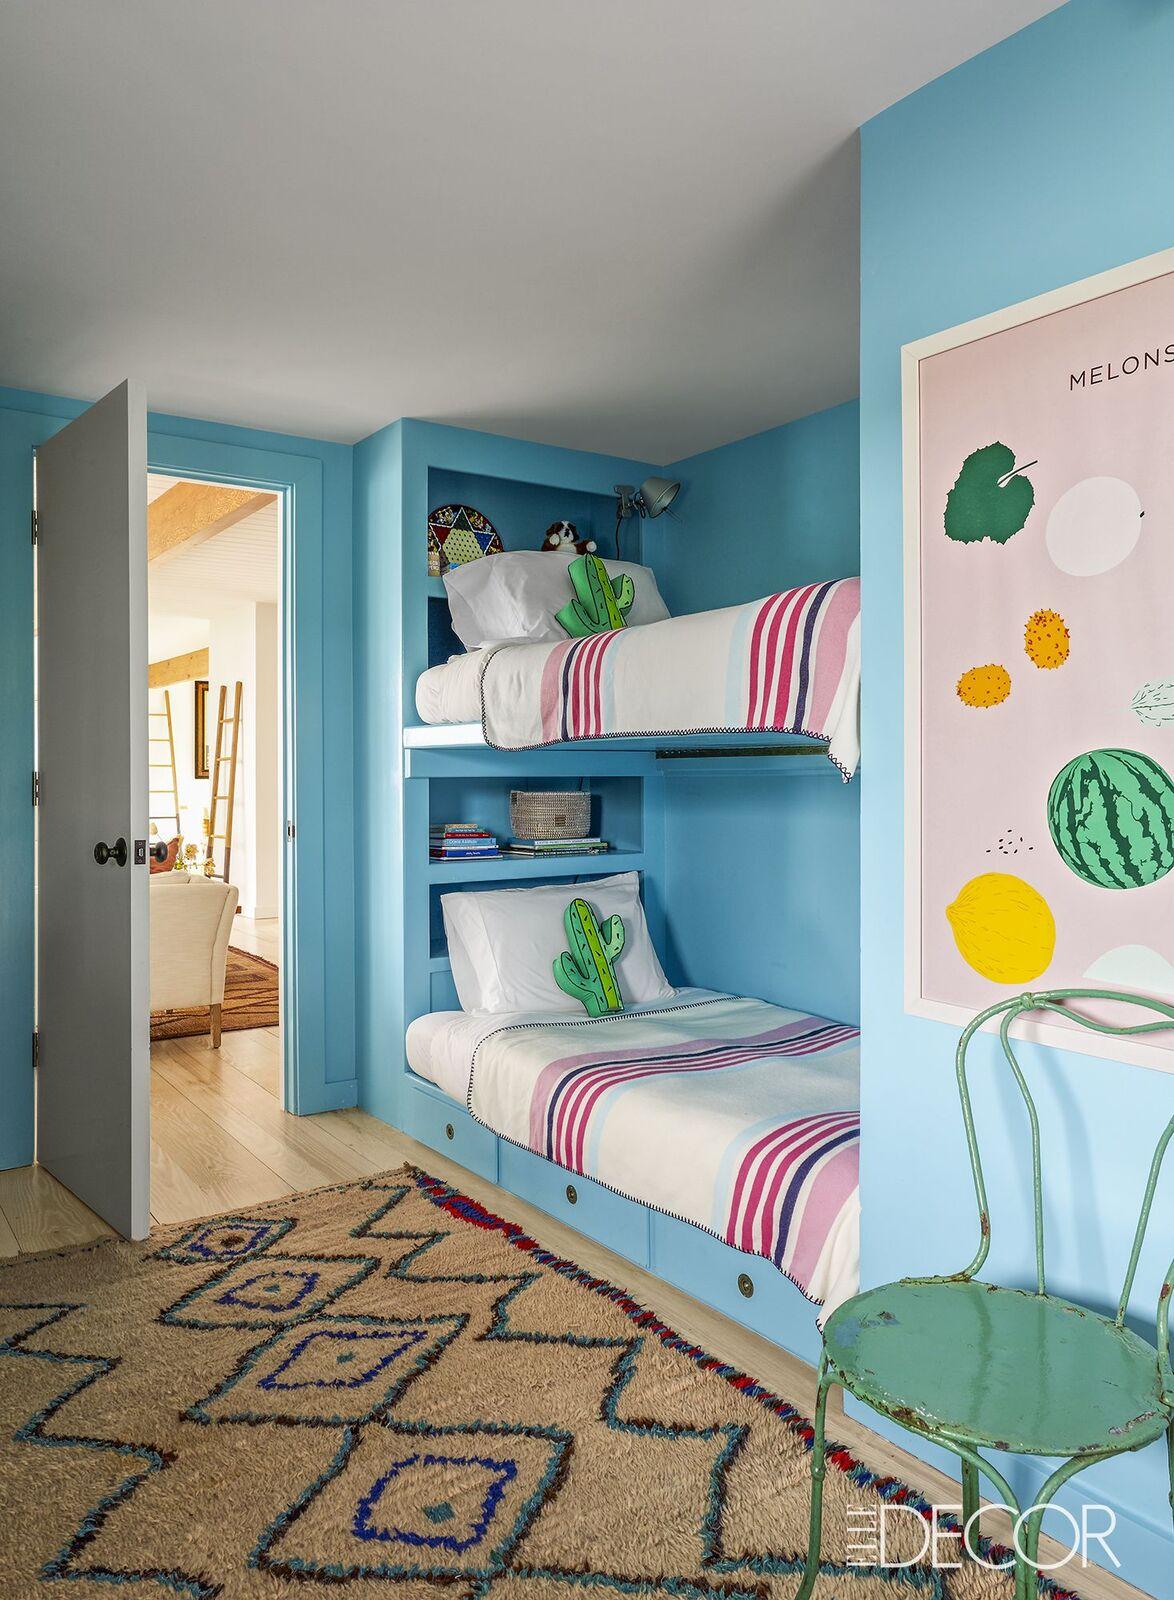 kids-room-decorating-ideas-1-1499458699.jpg